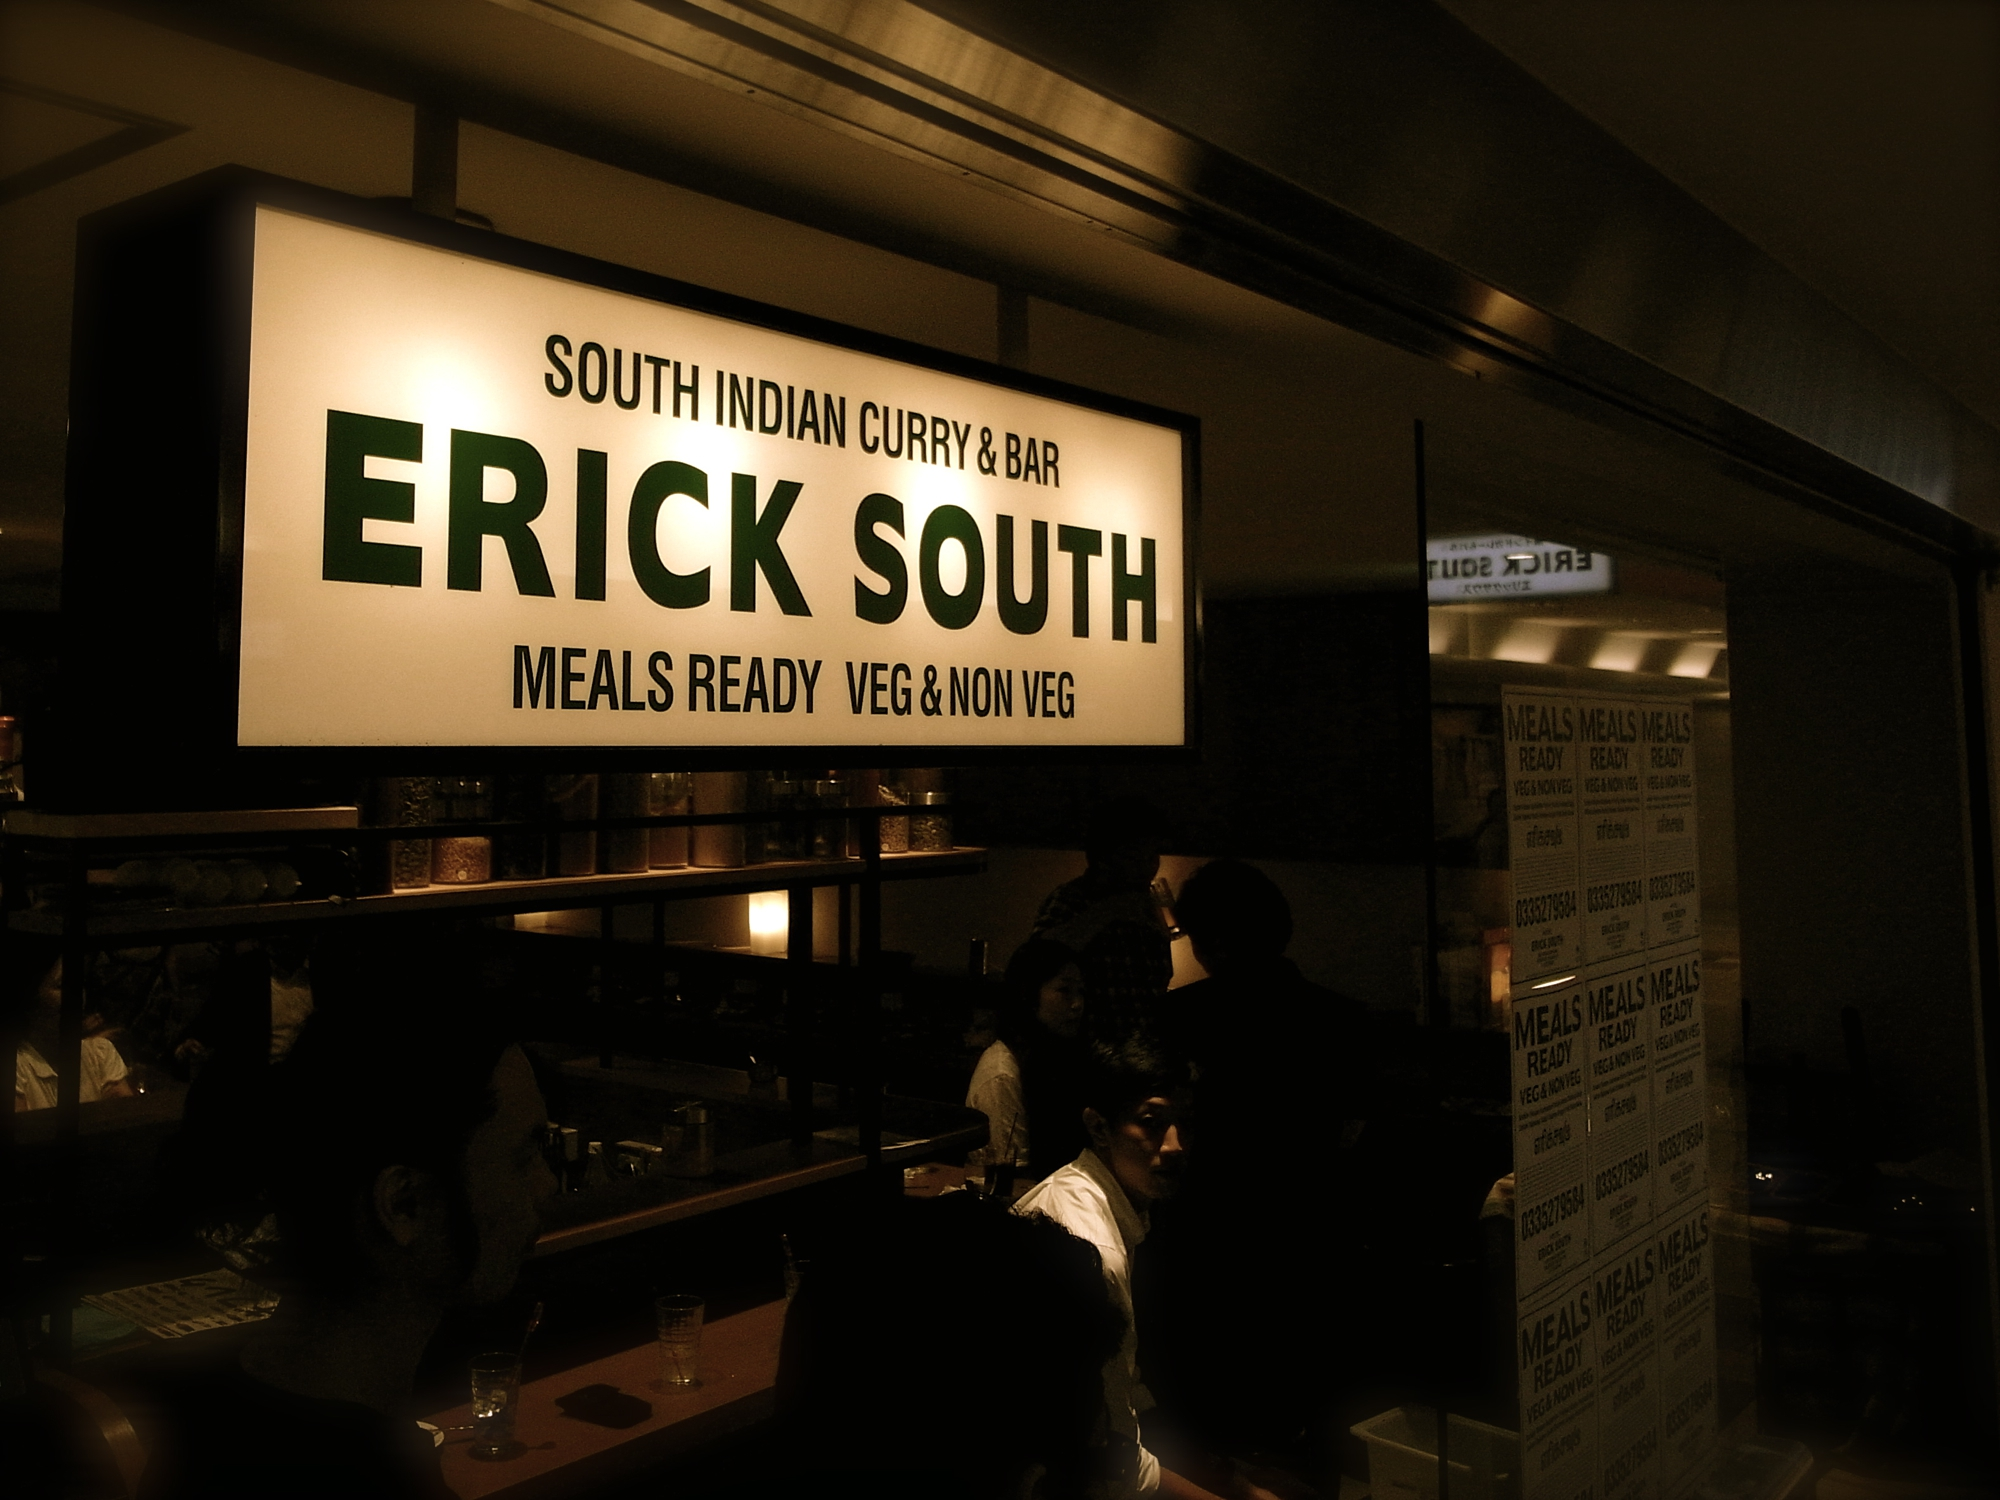 ERICK SOUTH